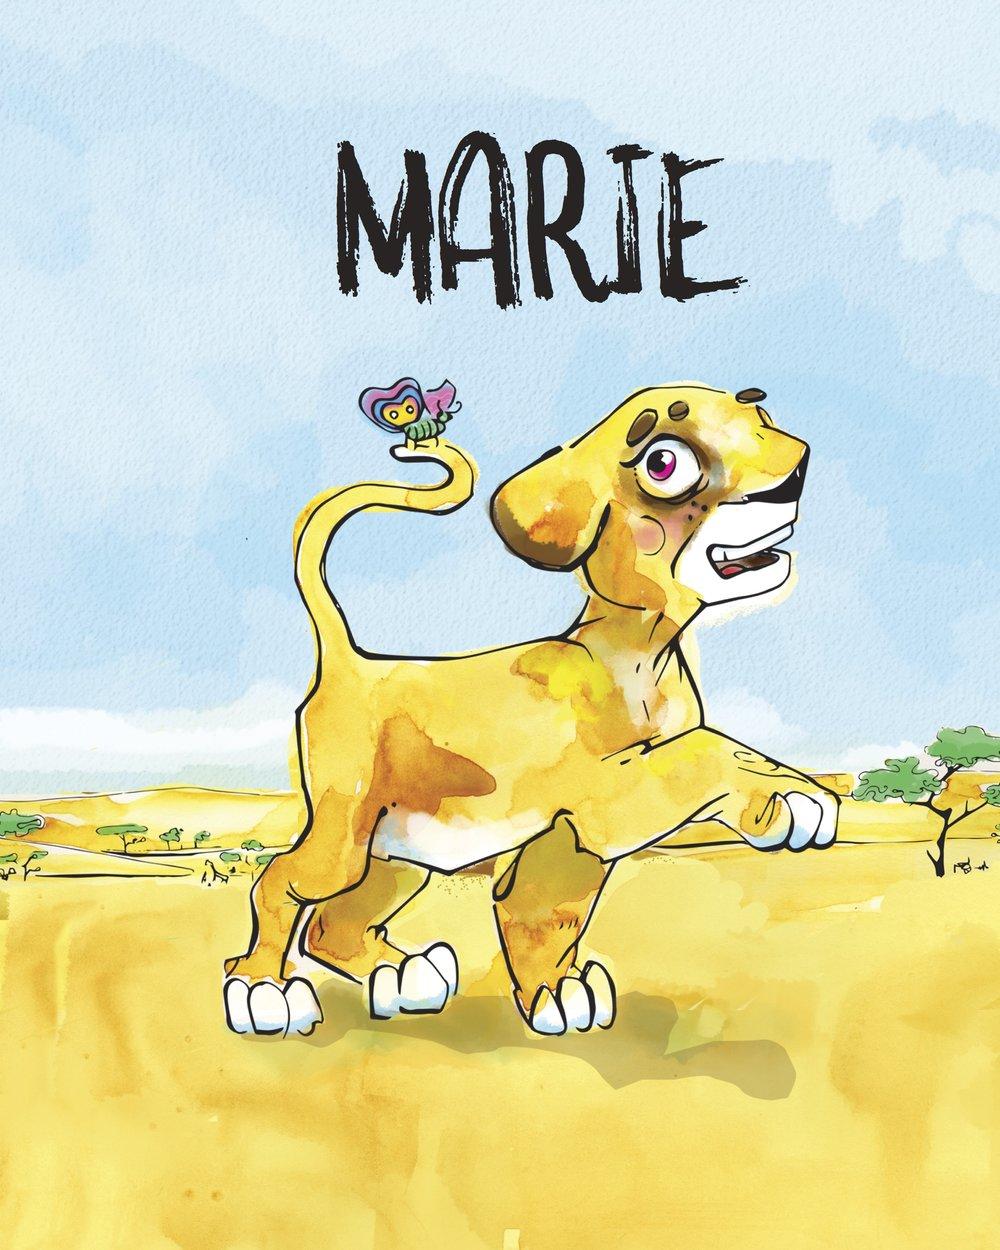 renmarie-Marie1.jpg